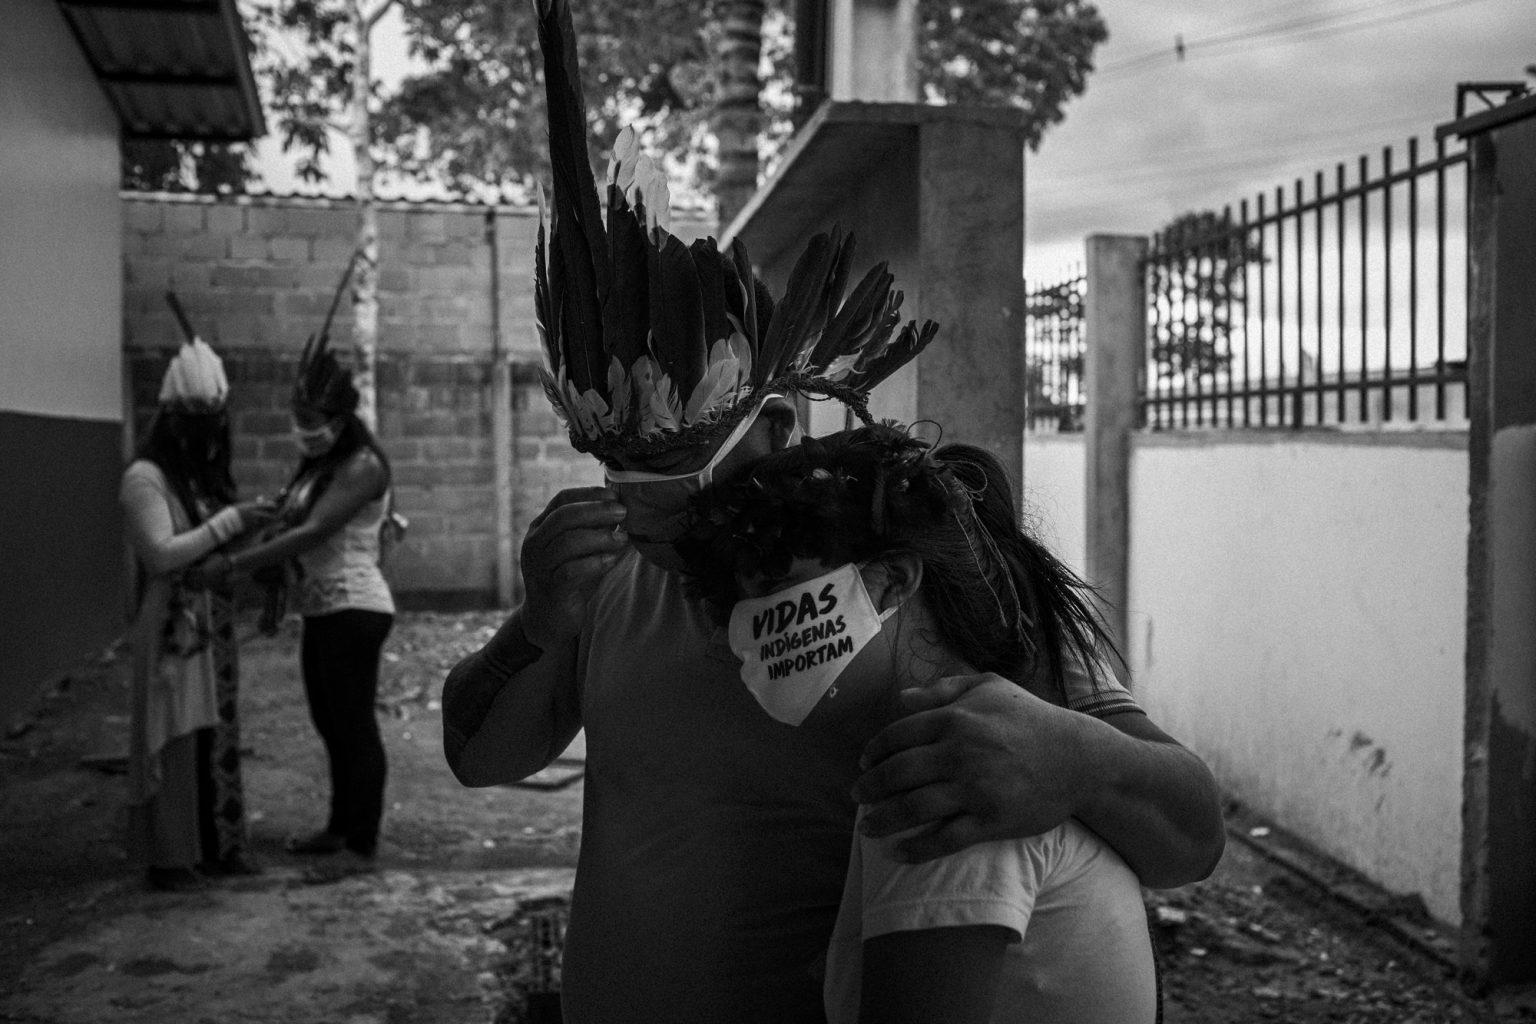 Velório do cacique Aldenor Tikuna em Manaus: situação dos indígenas que vivem nas cidades e fora das terras homologadas pela Funai, é preocupante (Foto: Raphael Alves/Ensaio Insulae/Amazônia Real)